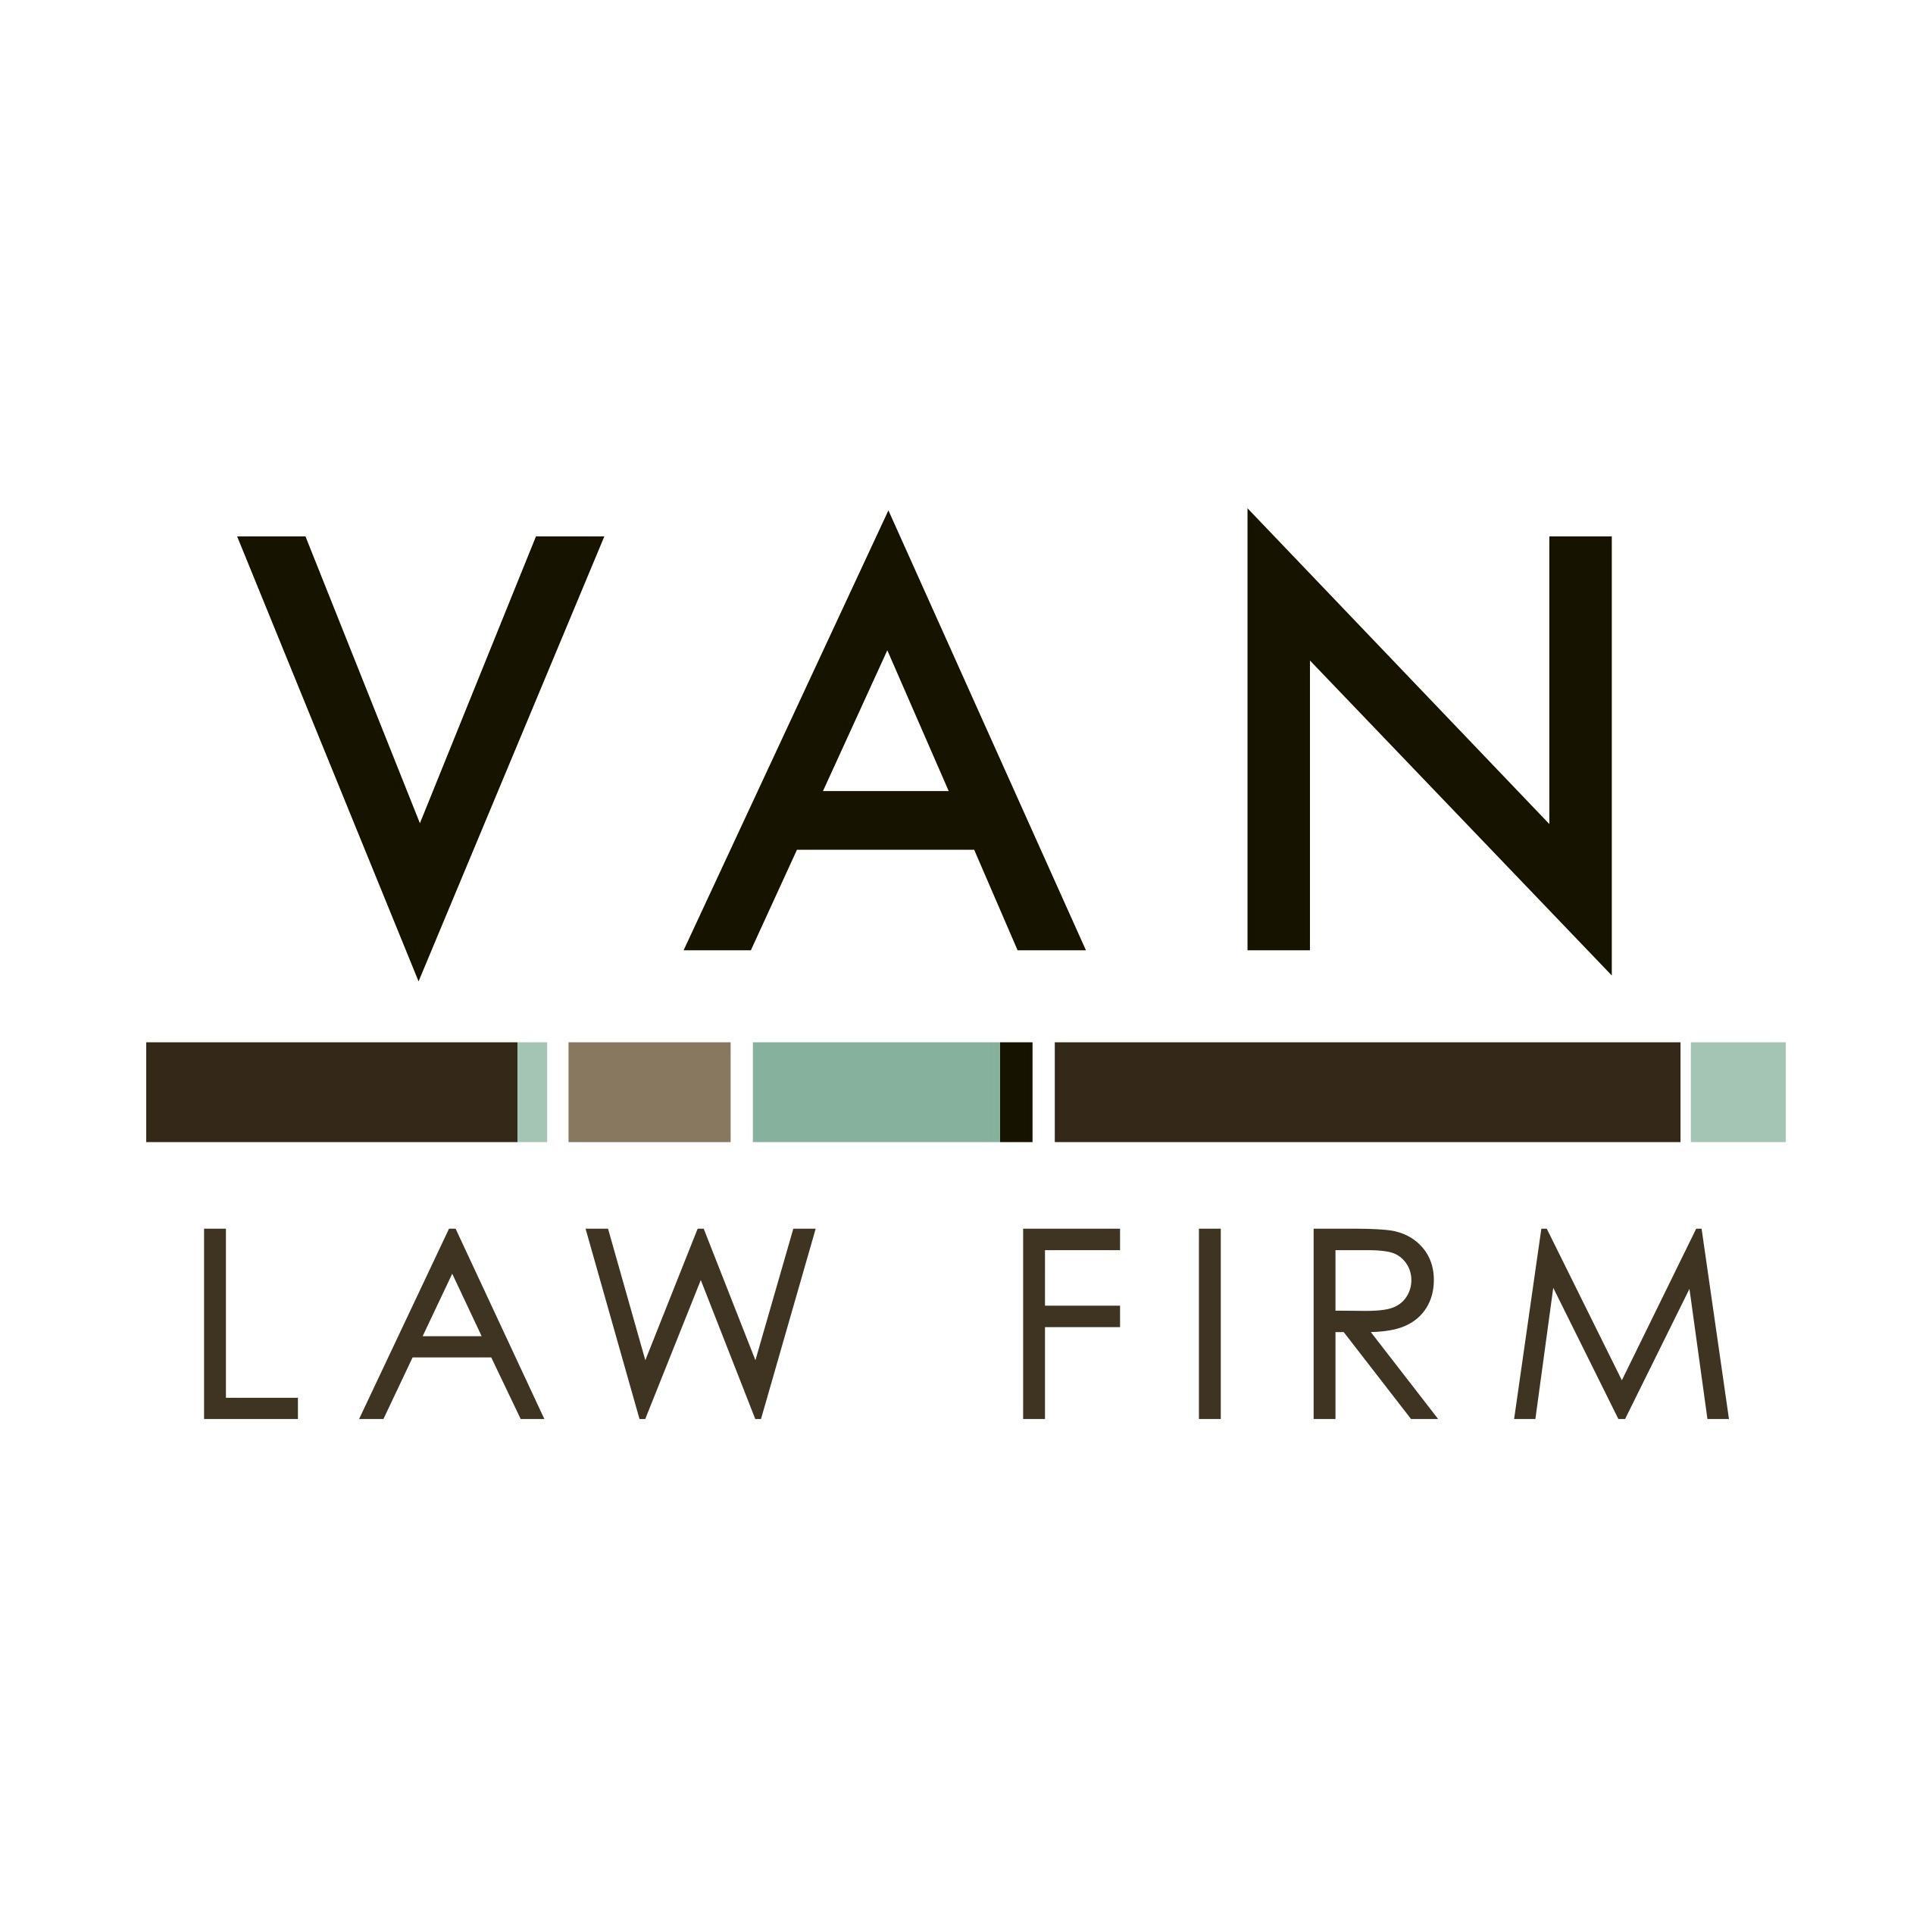 Van Law Firm